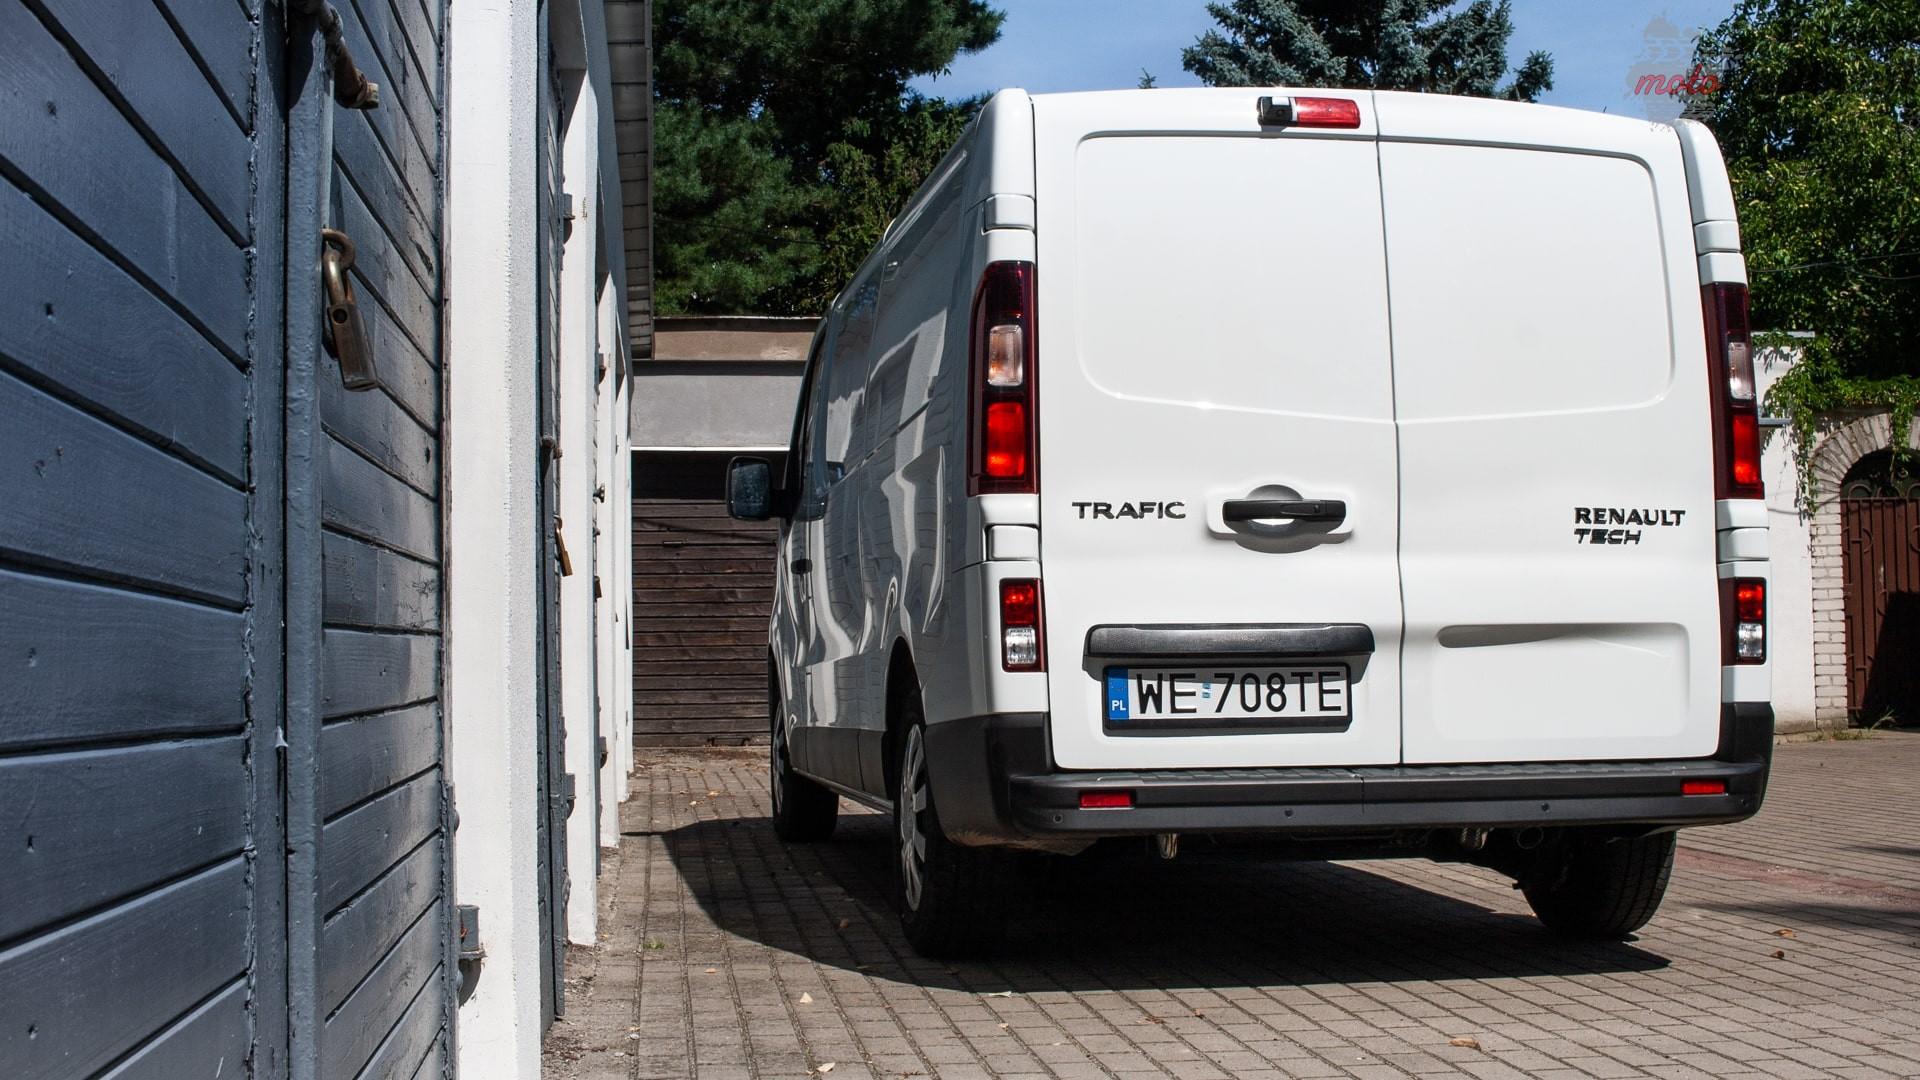 renault trafic 20 Test: Renault Trafic furgon z zabudową Renault Tech – mobilny serwis